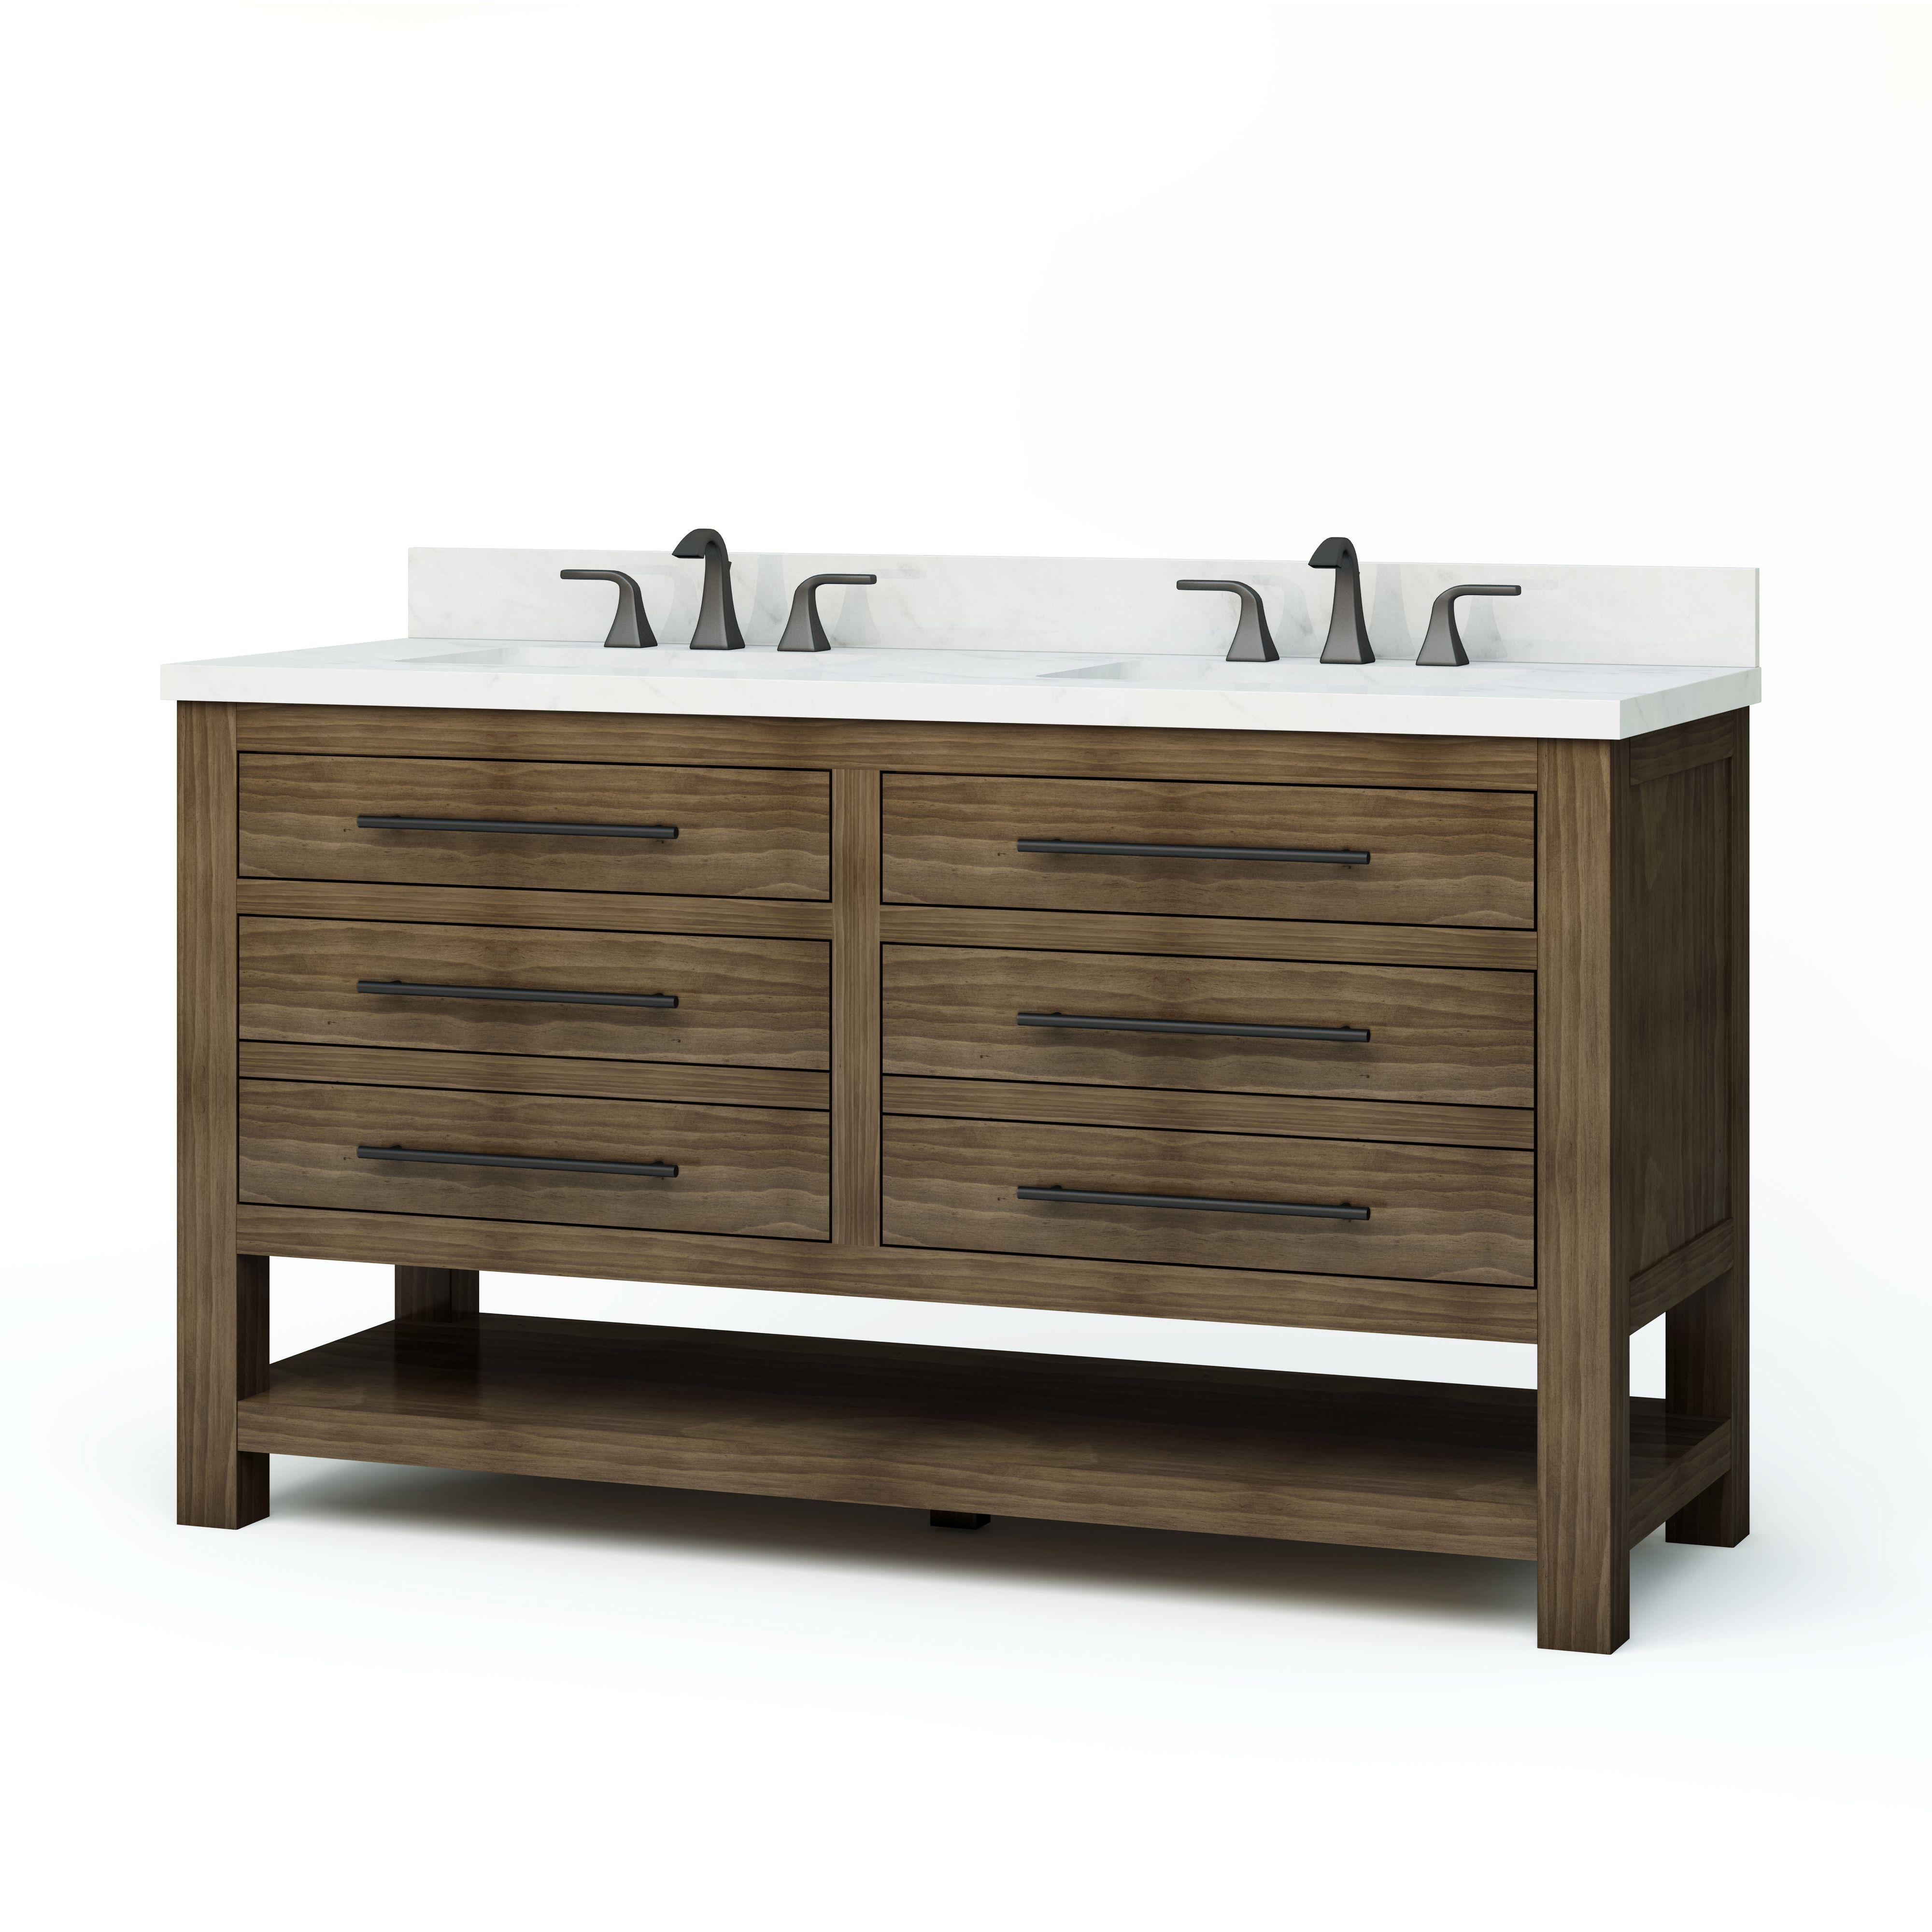 . Allen   roth Kennilton 60 in Gray Oak Double Sink Bathroom Vanity